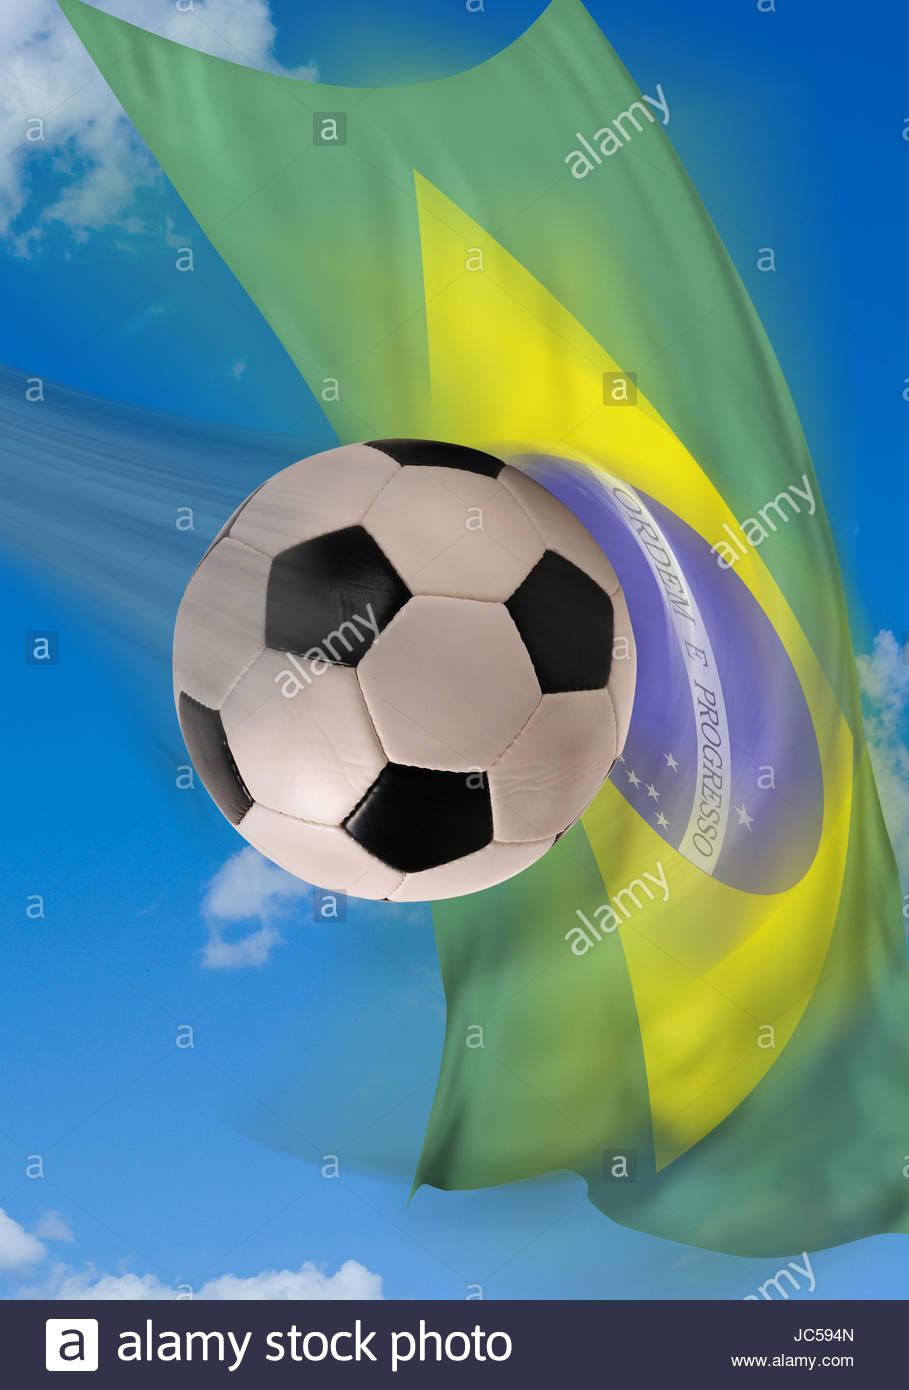 b0f4f2f6c3c66 Balón de fútbol rápido volando con la bandera de Brasil en el fondo ...